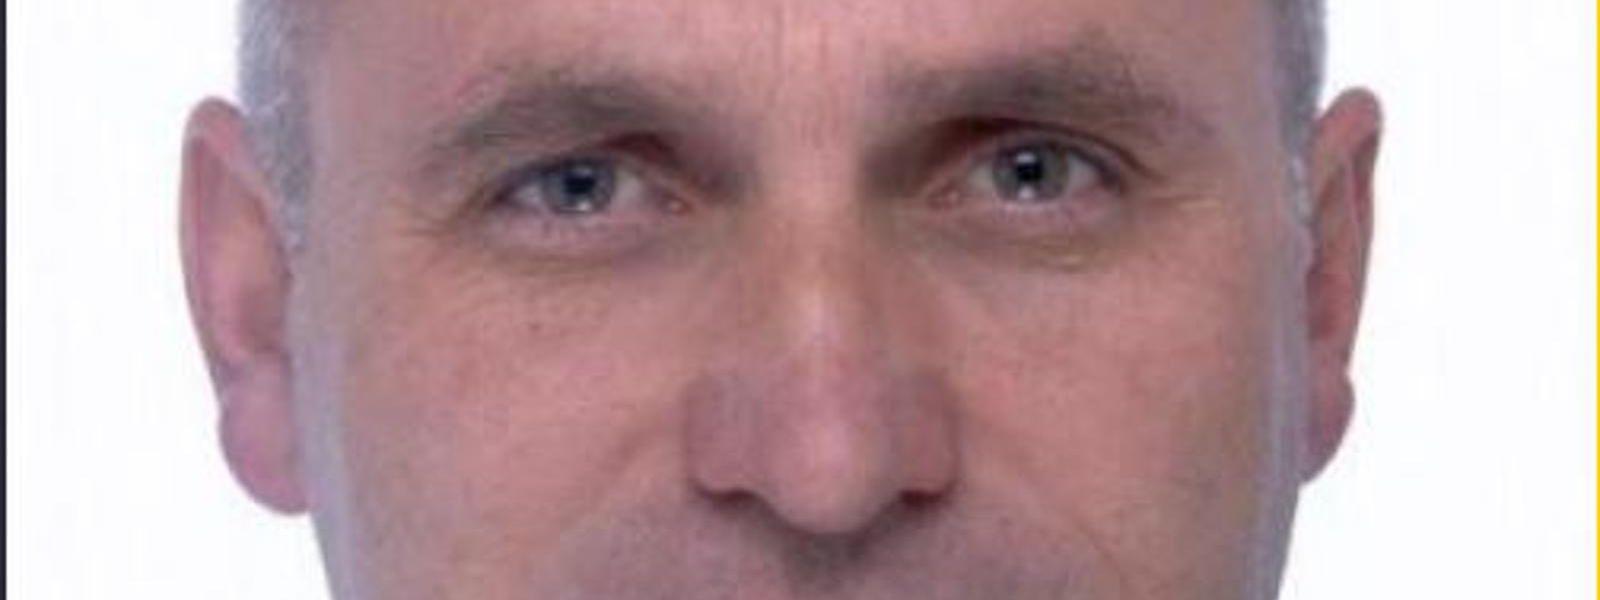 L'homme s'était spécialisé dans le vol de véhicules démarrant sans clé. Il avait sévi en 2019 au Grand-Duché.